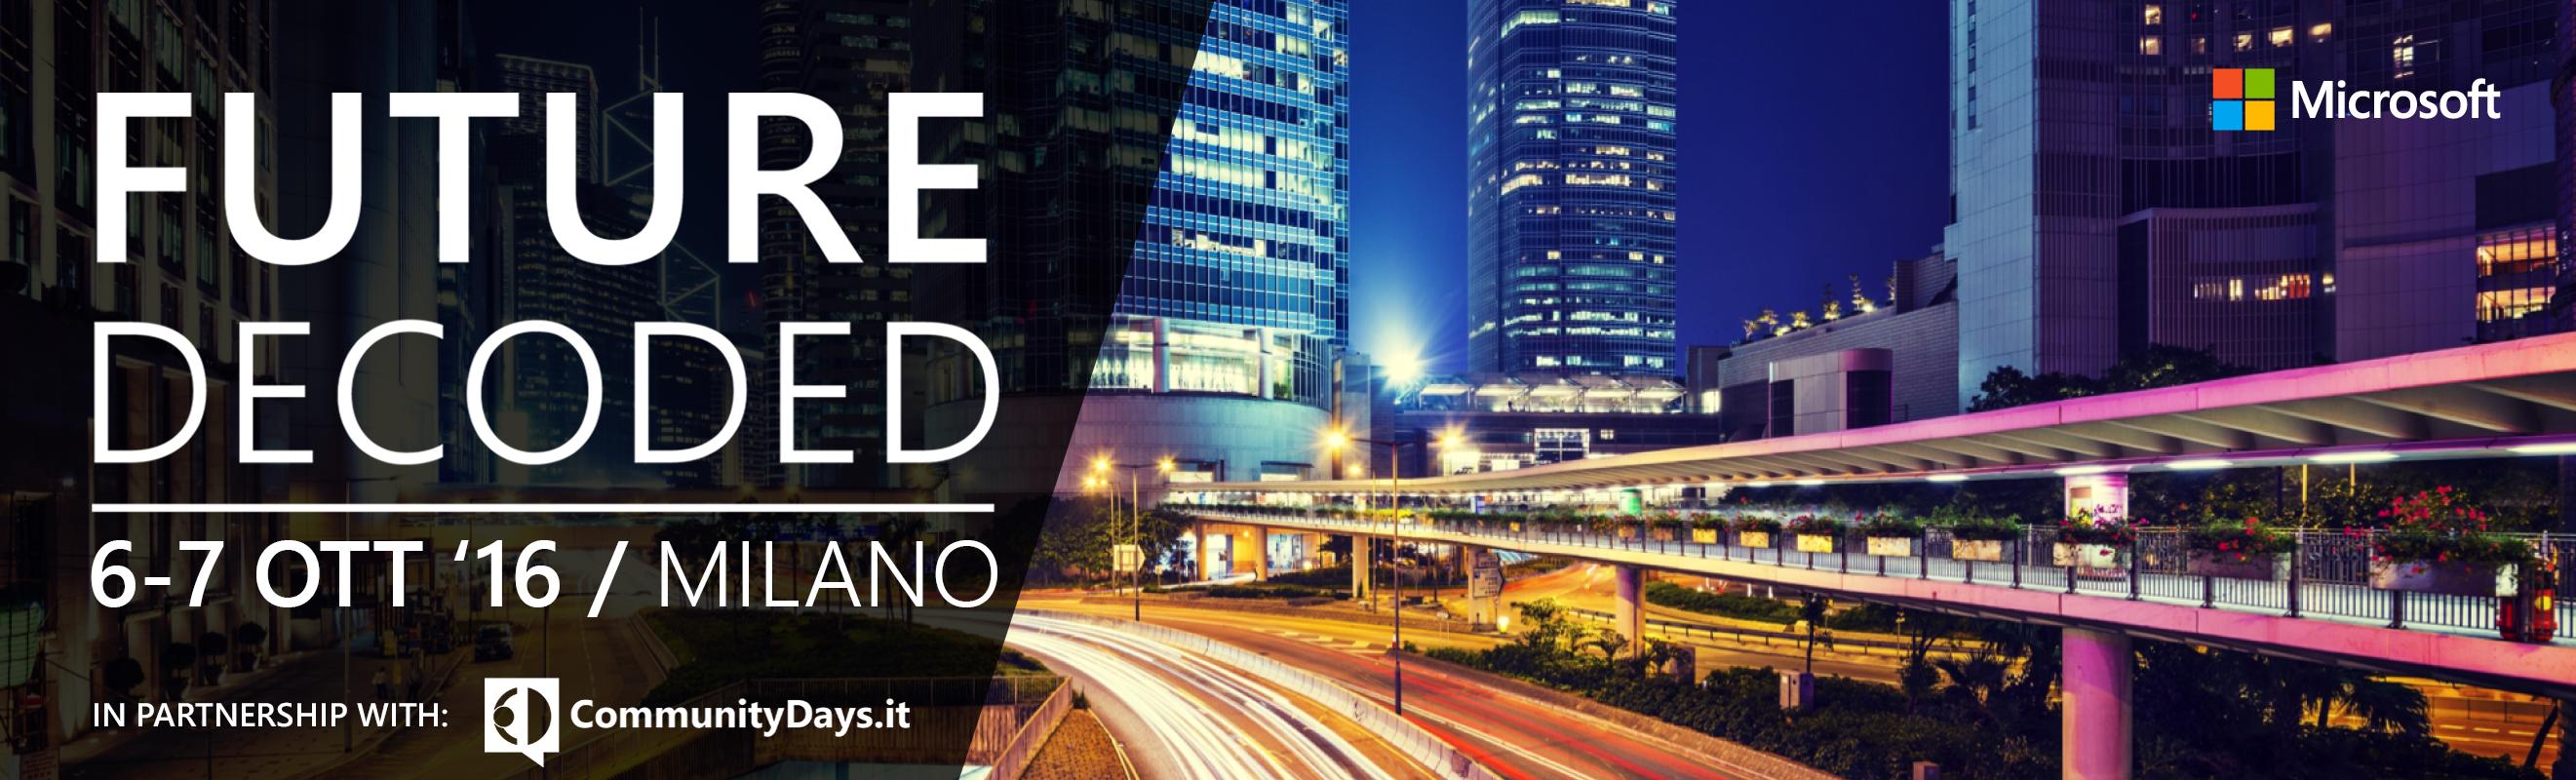 Microsoft FutureDecoded 2016, il 6 e il 7 ottobre a Milano